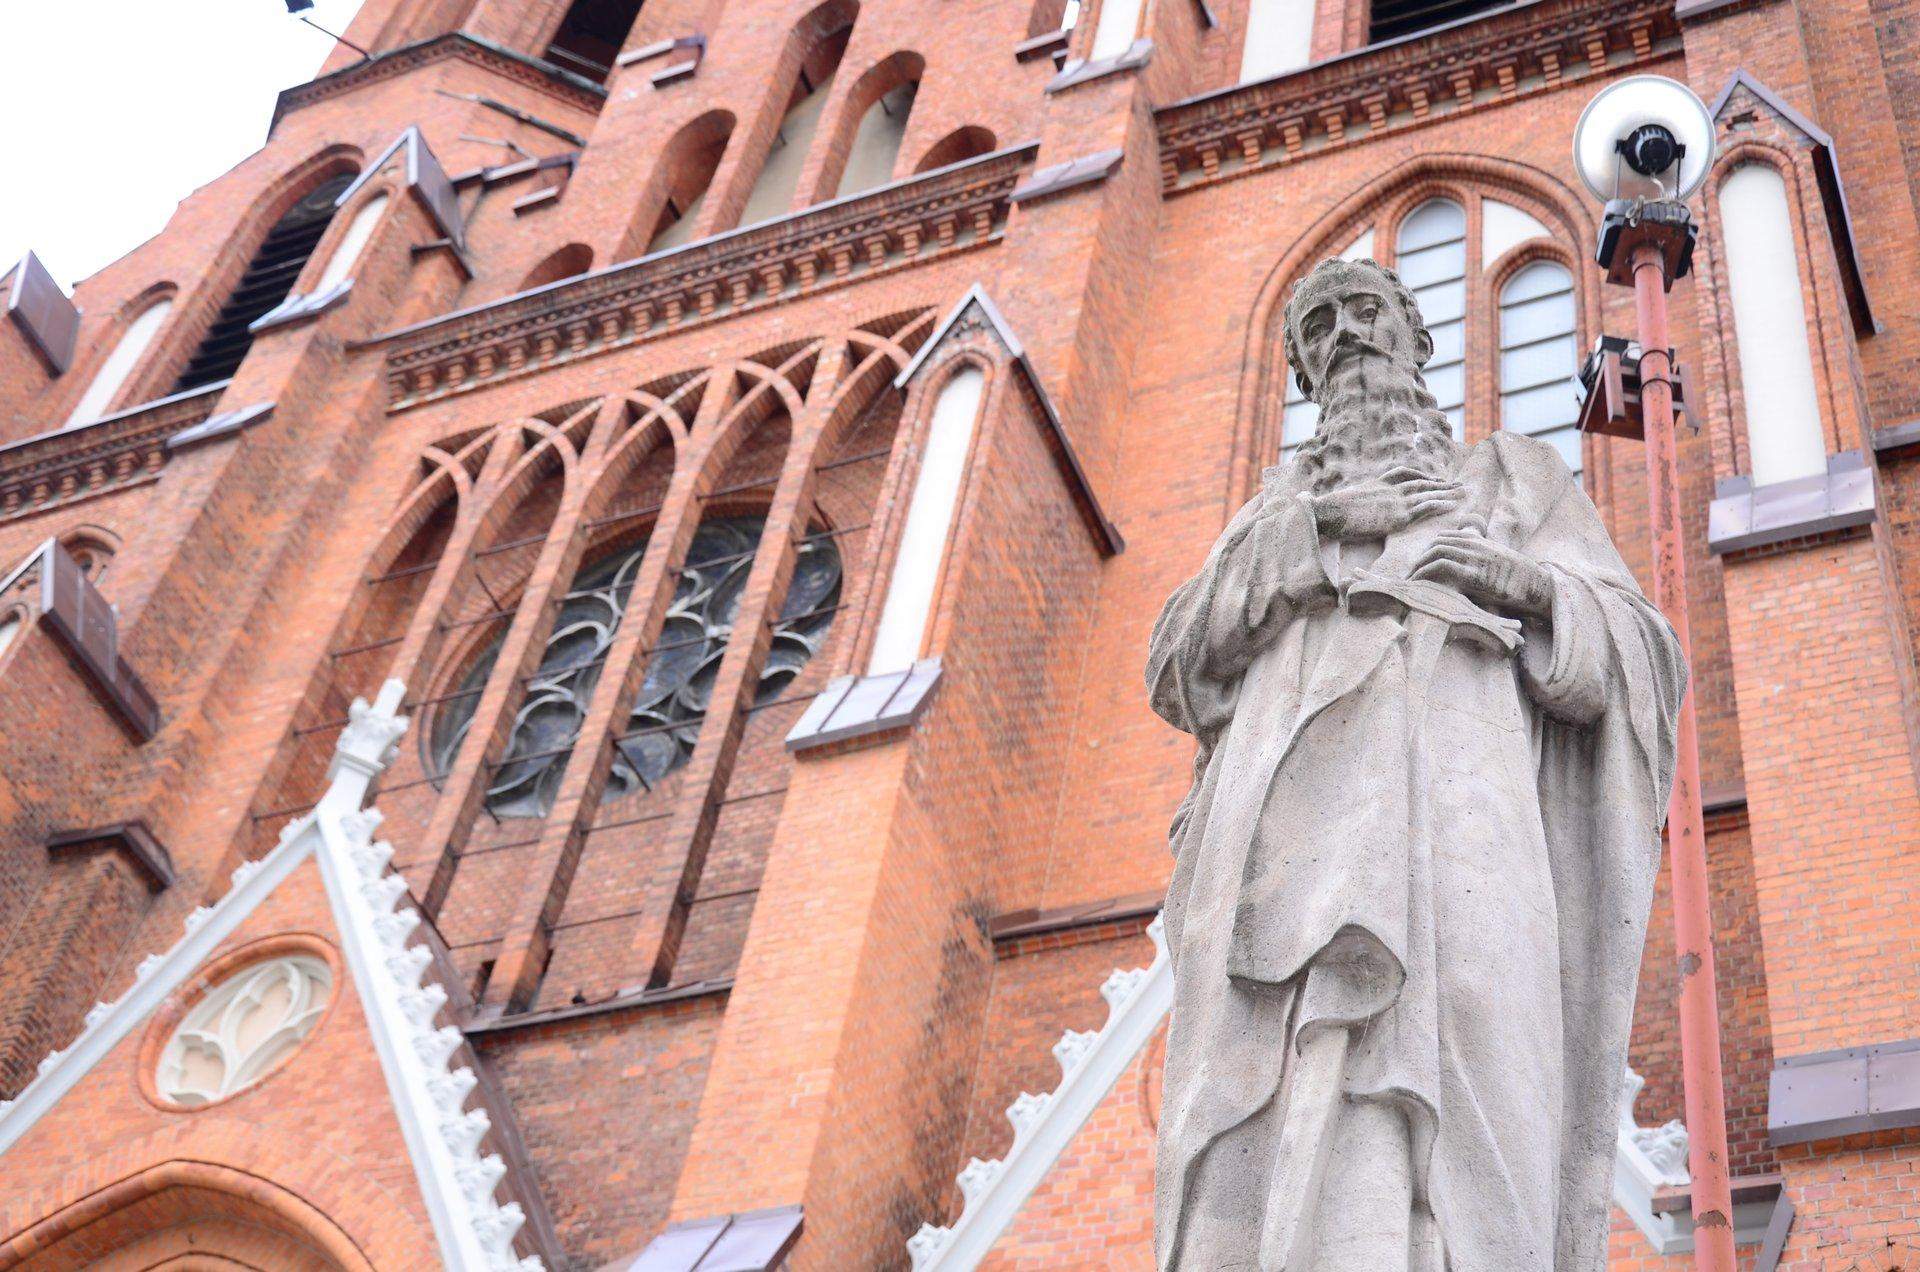 Białystok Katedra Bazylika Mniejsza Fara kościół religia katolicyzm centrumfree photo darmowe zdjęcie